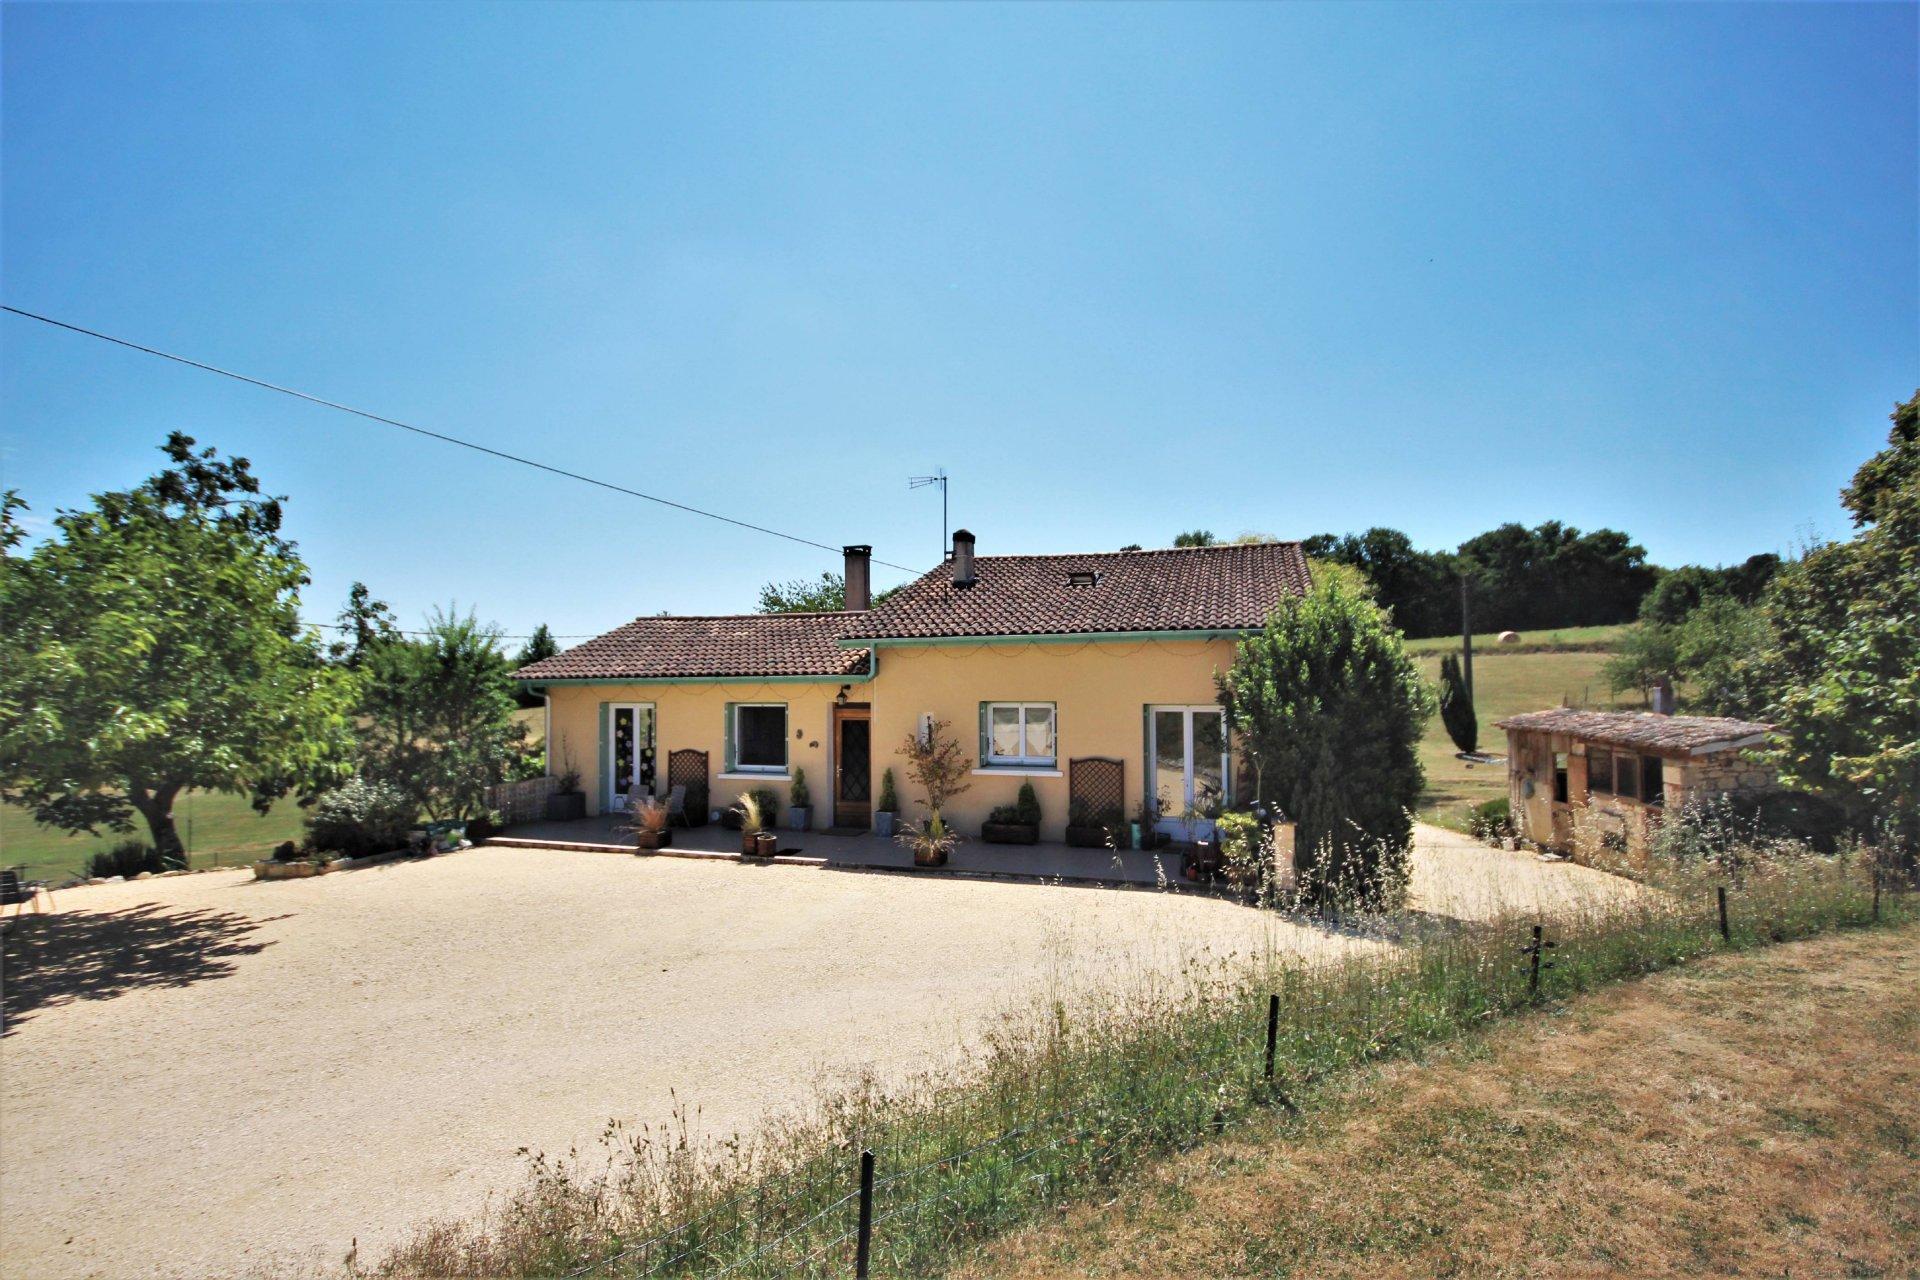 Maison de campagne avec 4 chambres et 1.7 hectares de terrain